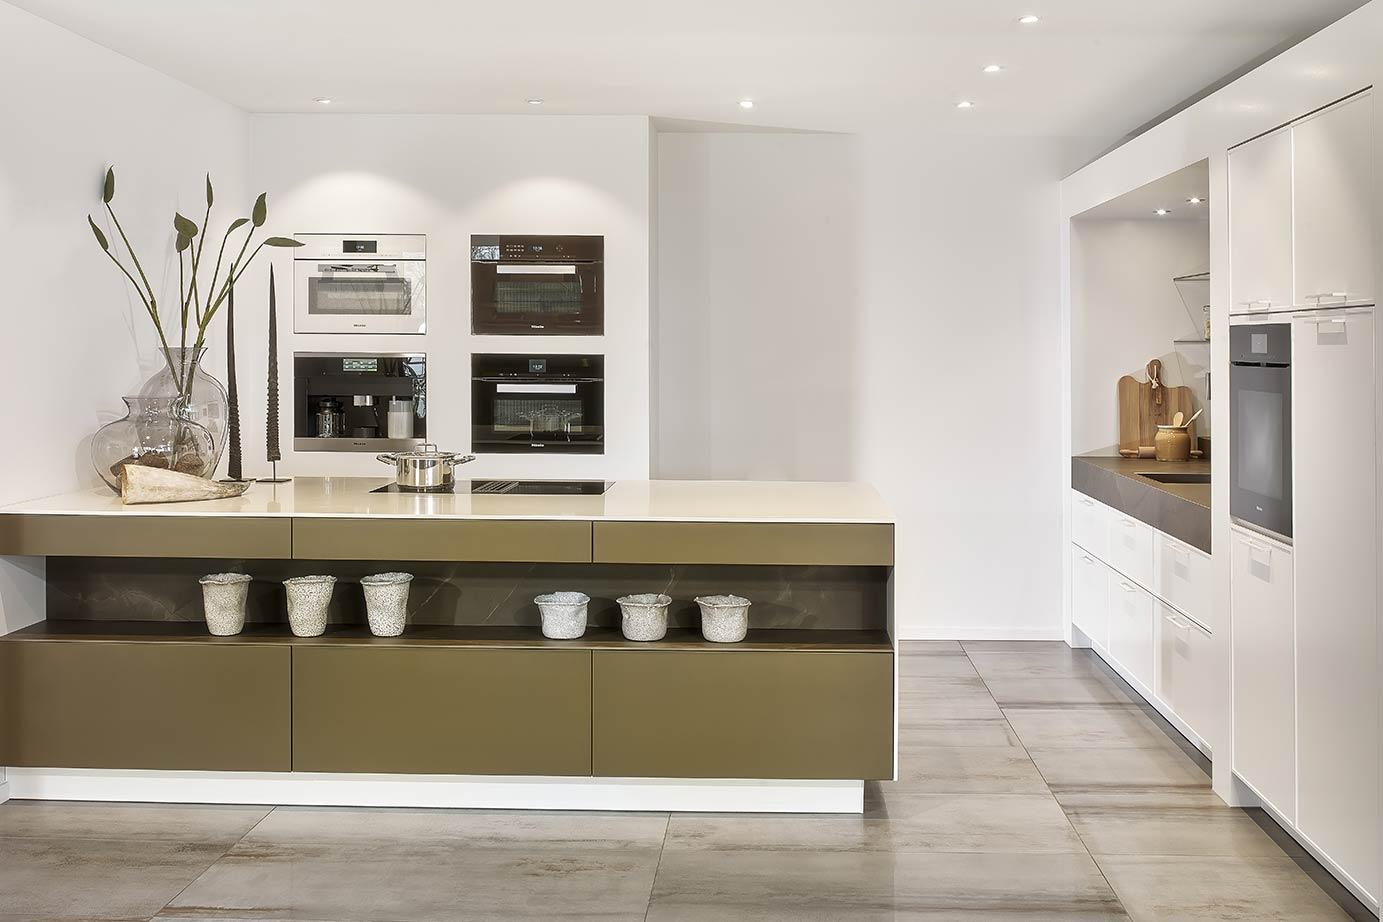 Kosten Luxe Keuken : Moderne keukens incl foto s en prijzen db keukens